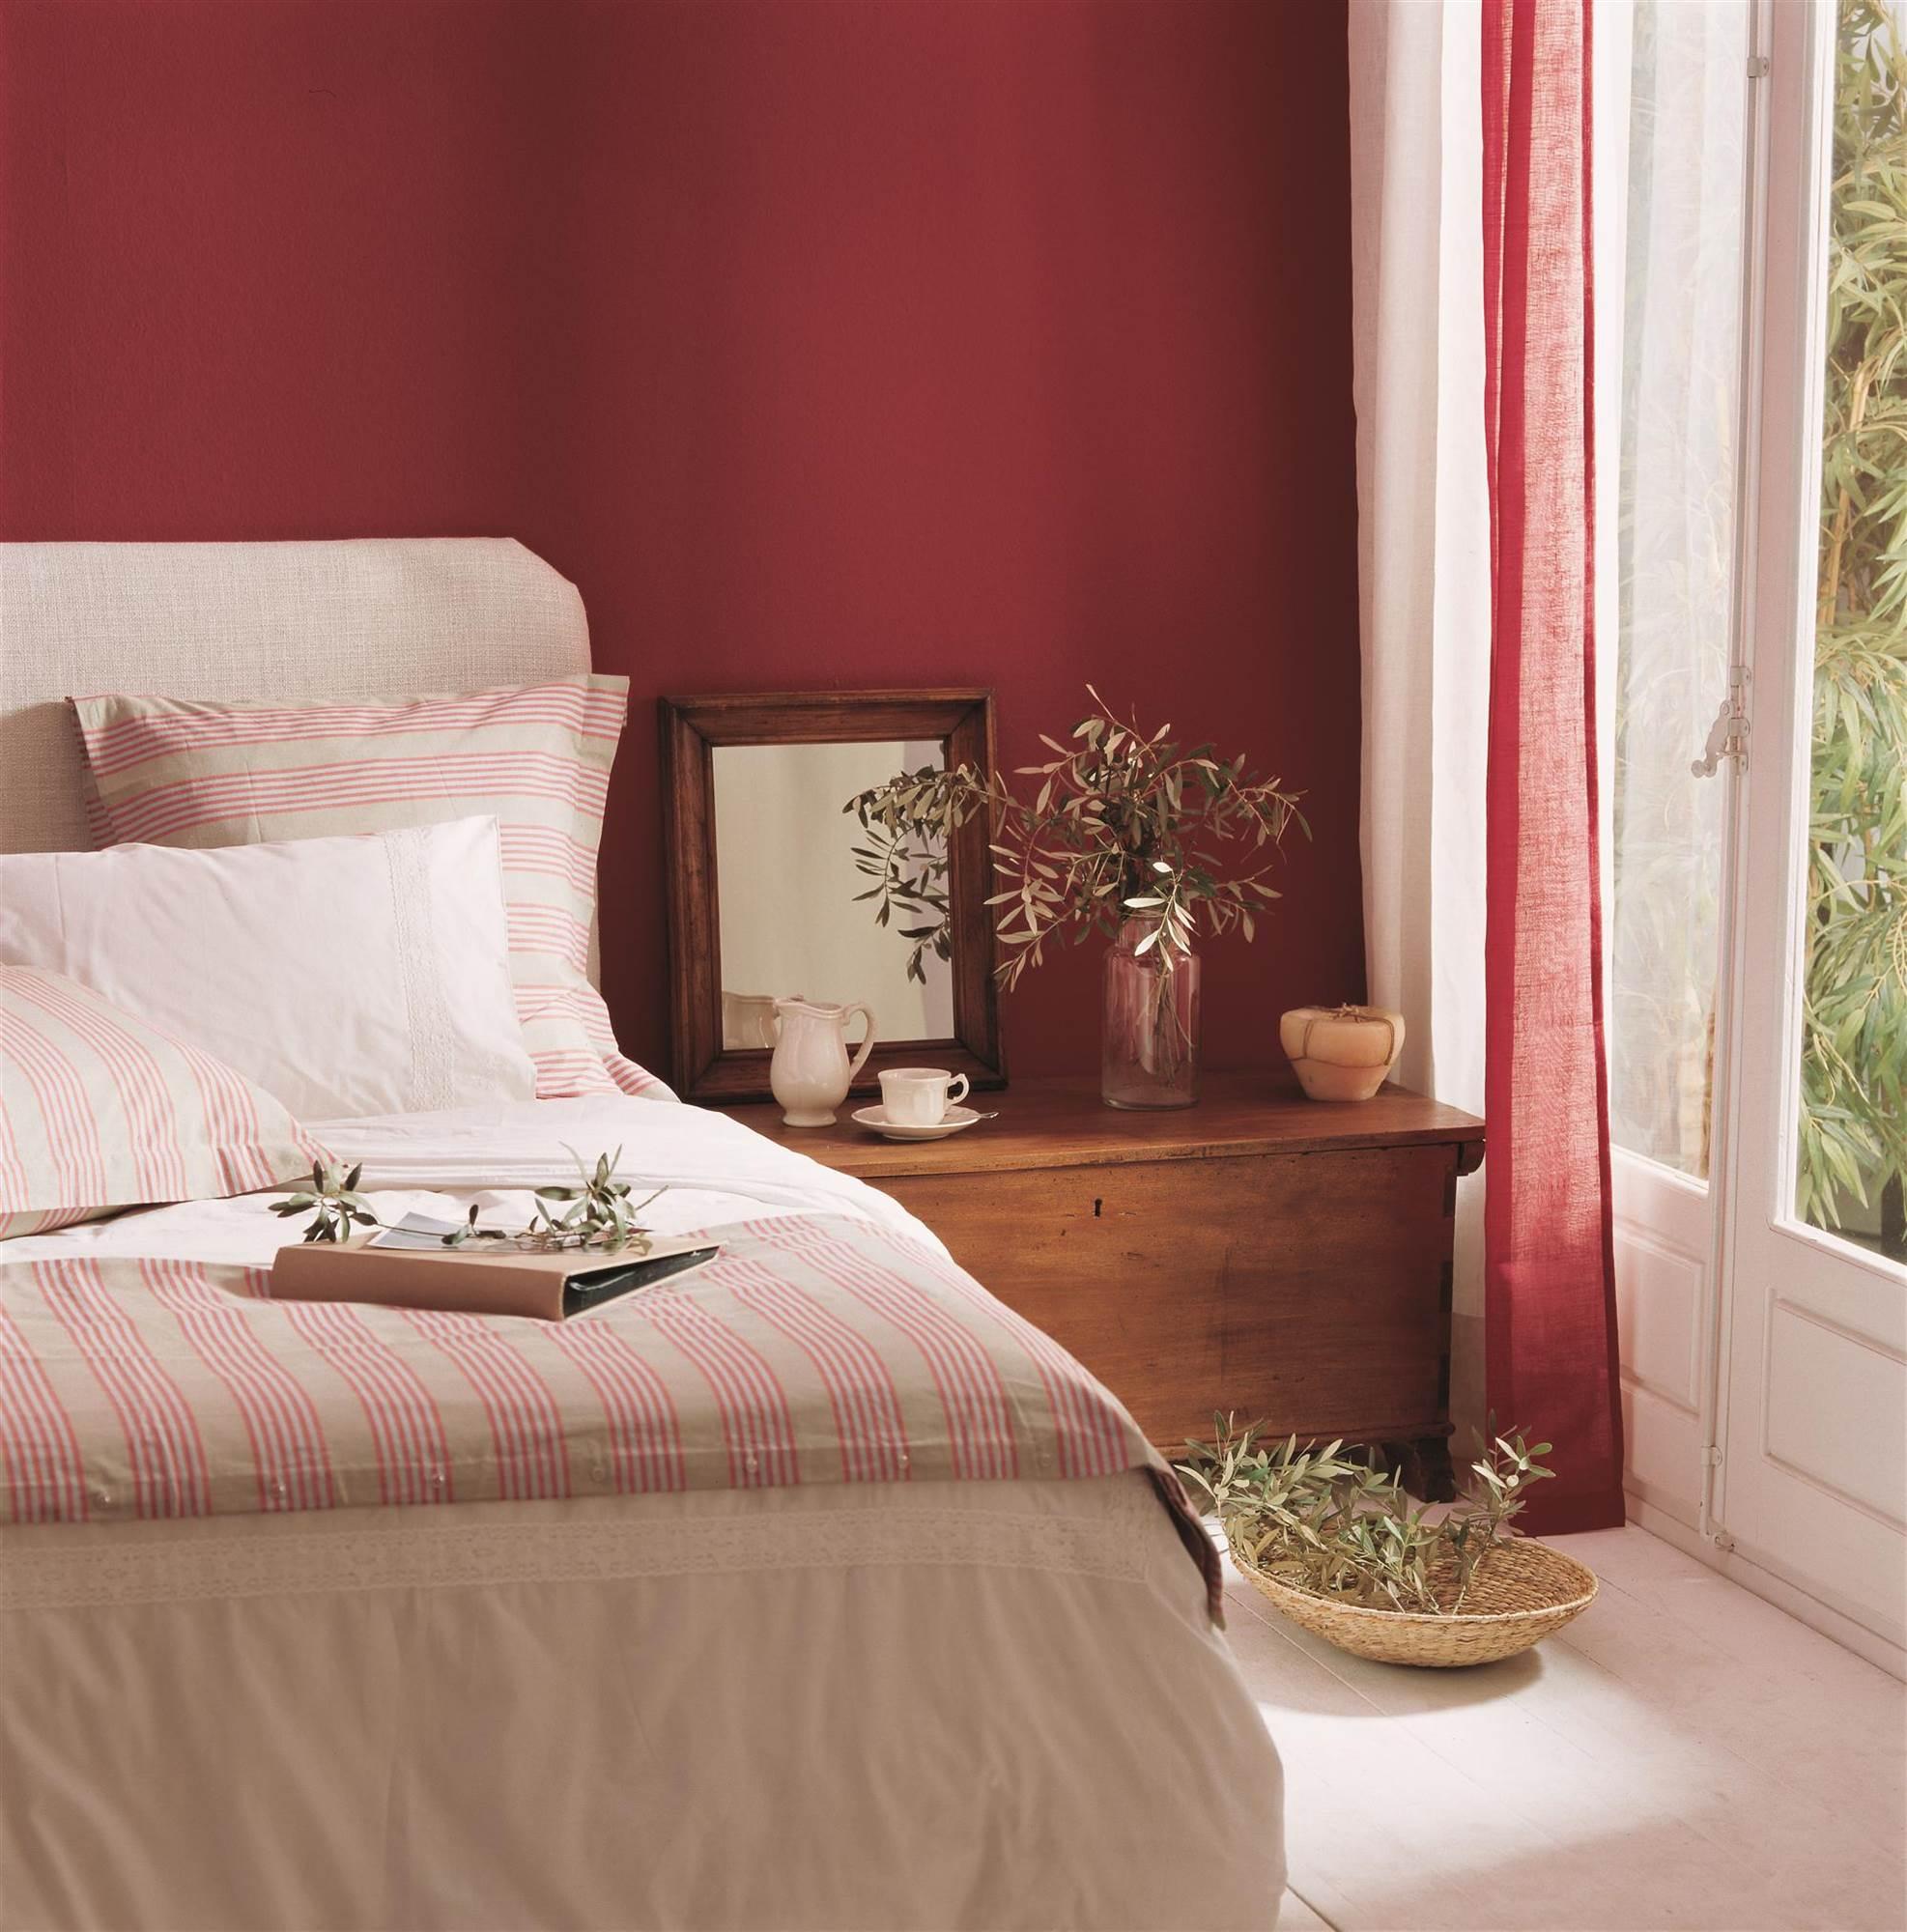 El color rojo en decoraci n for Decoracion de la pared para el dormitorio